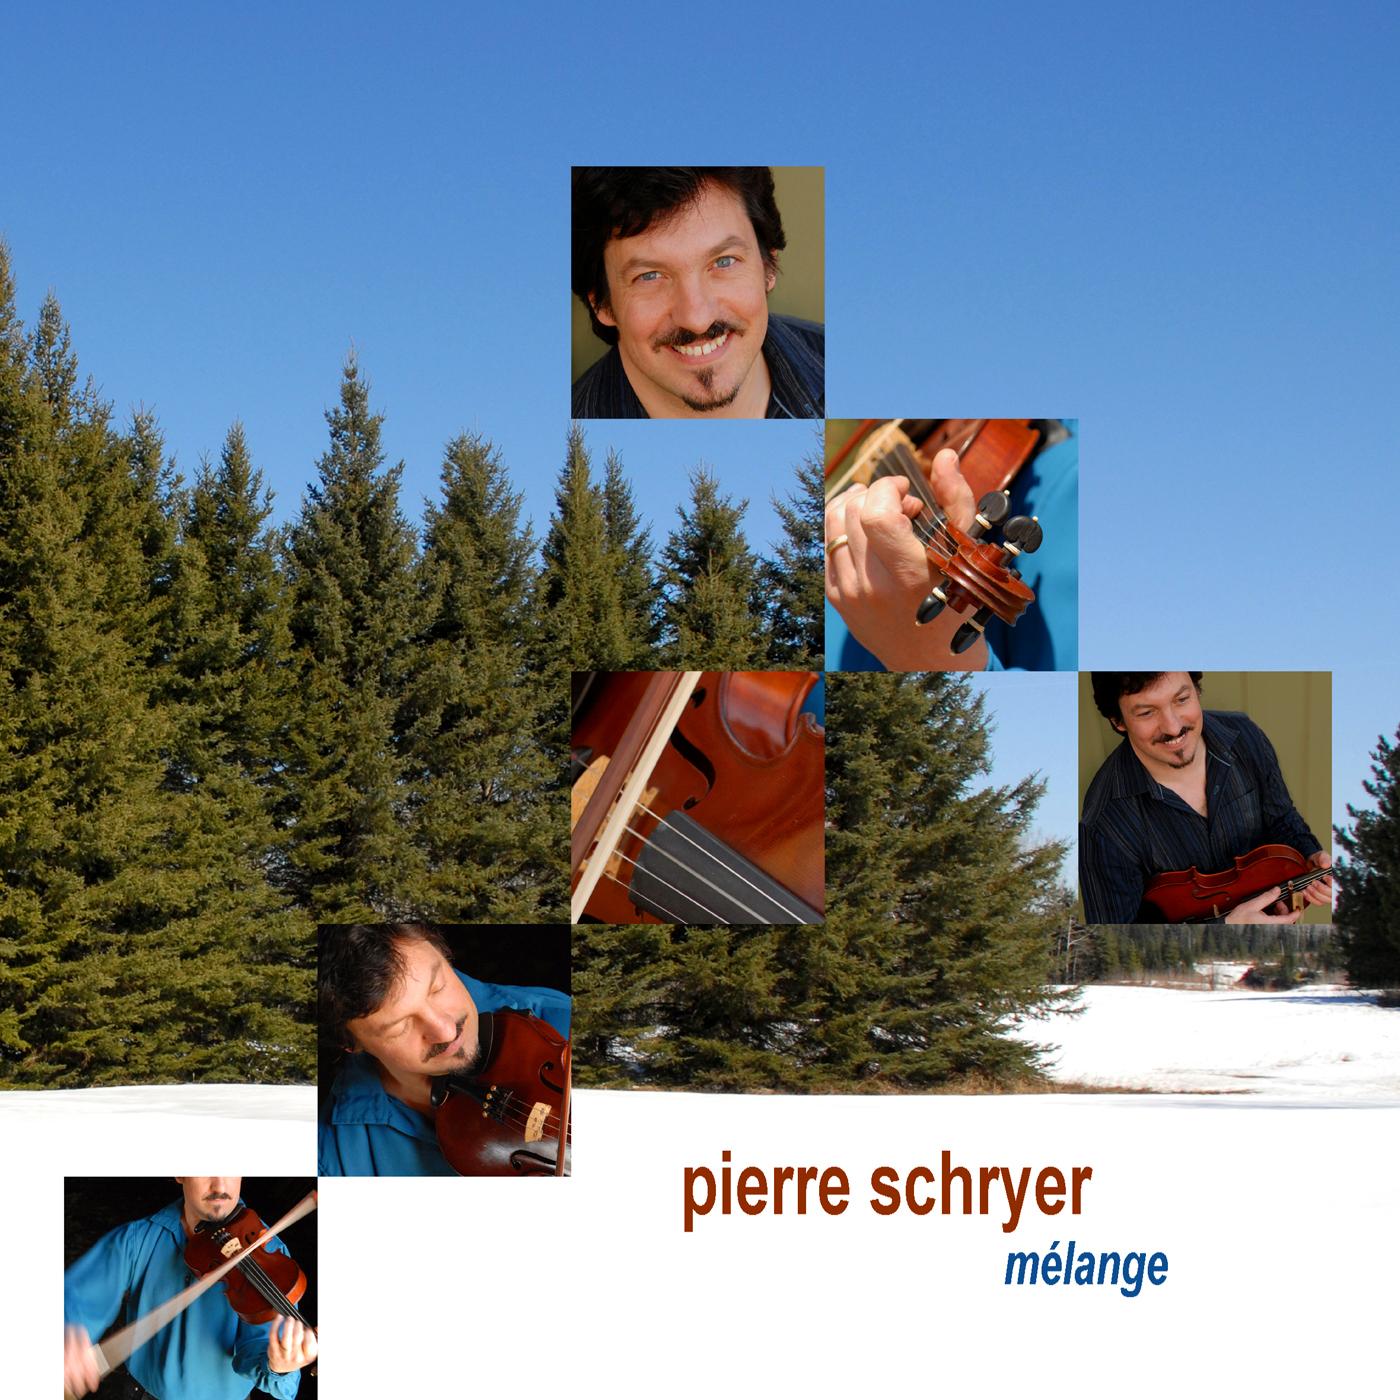 Mélange - Pierre Schryer